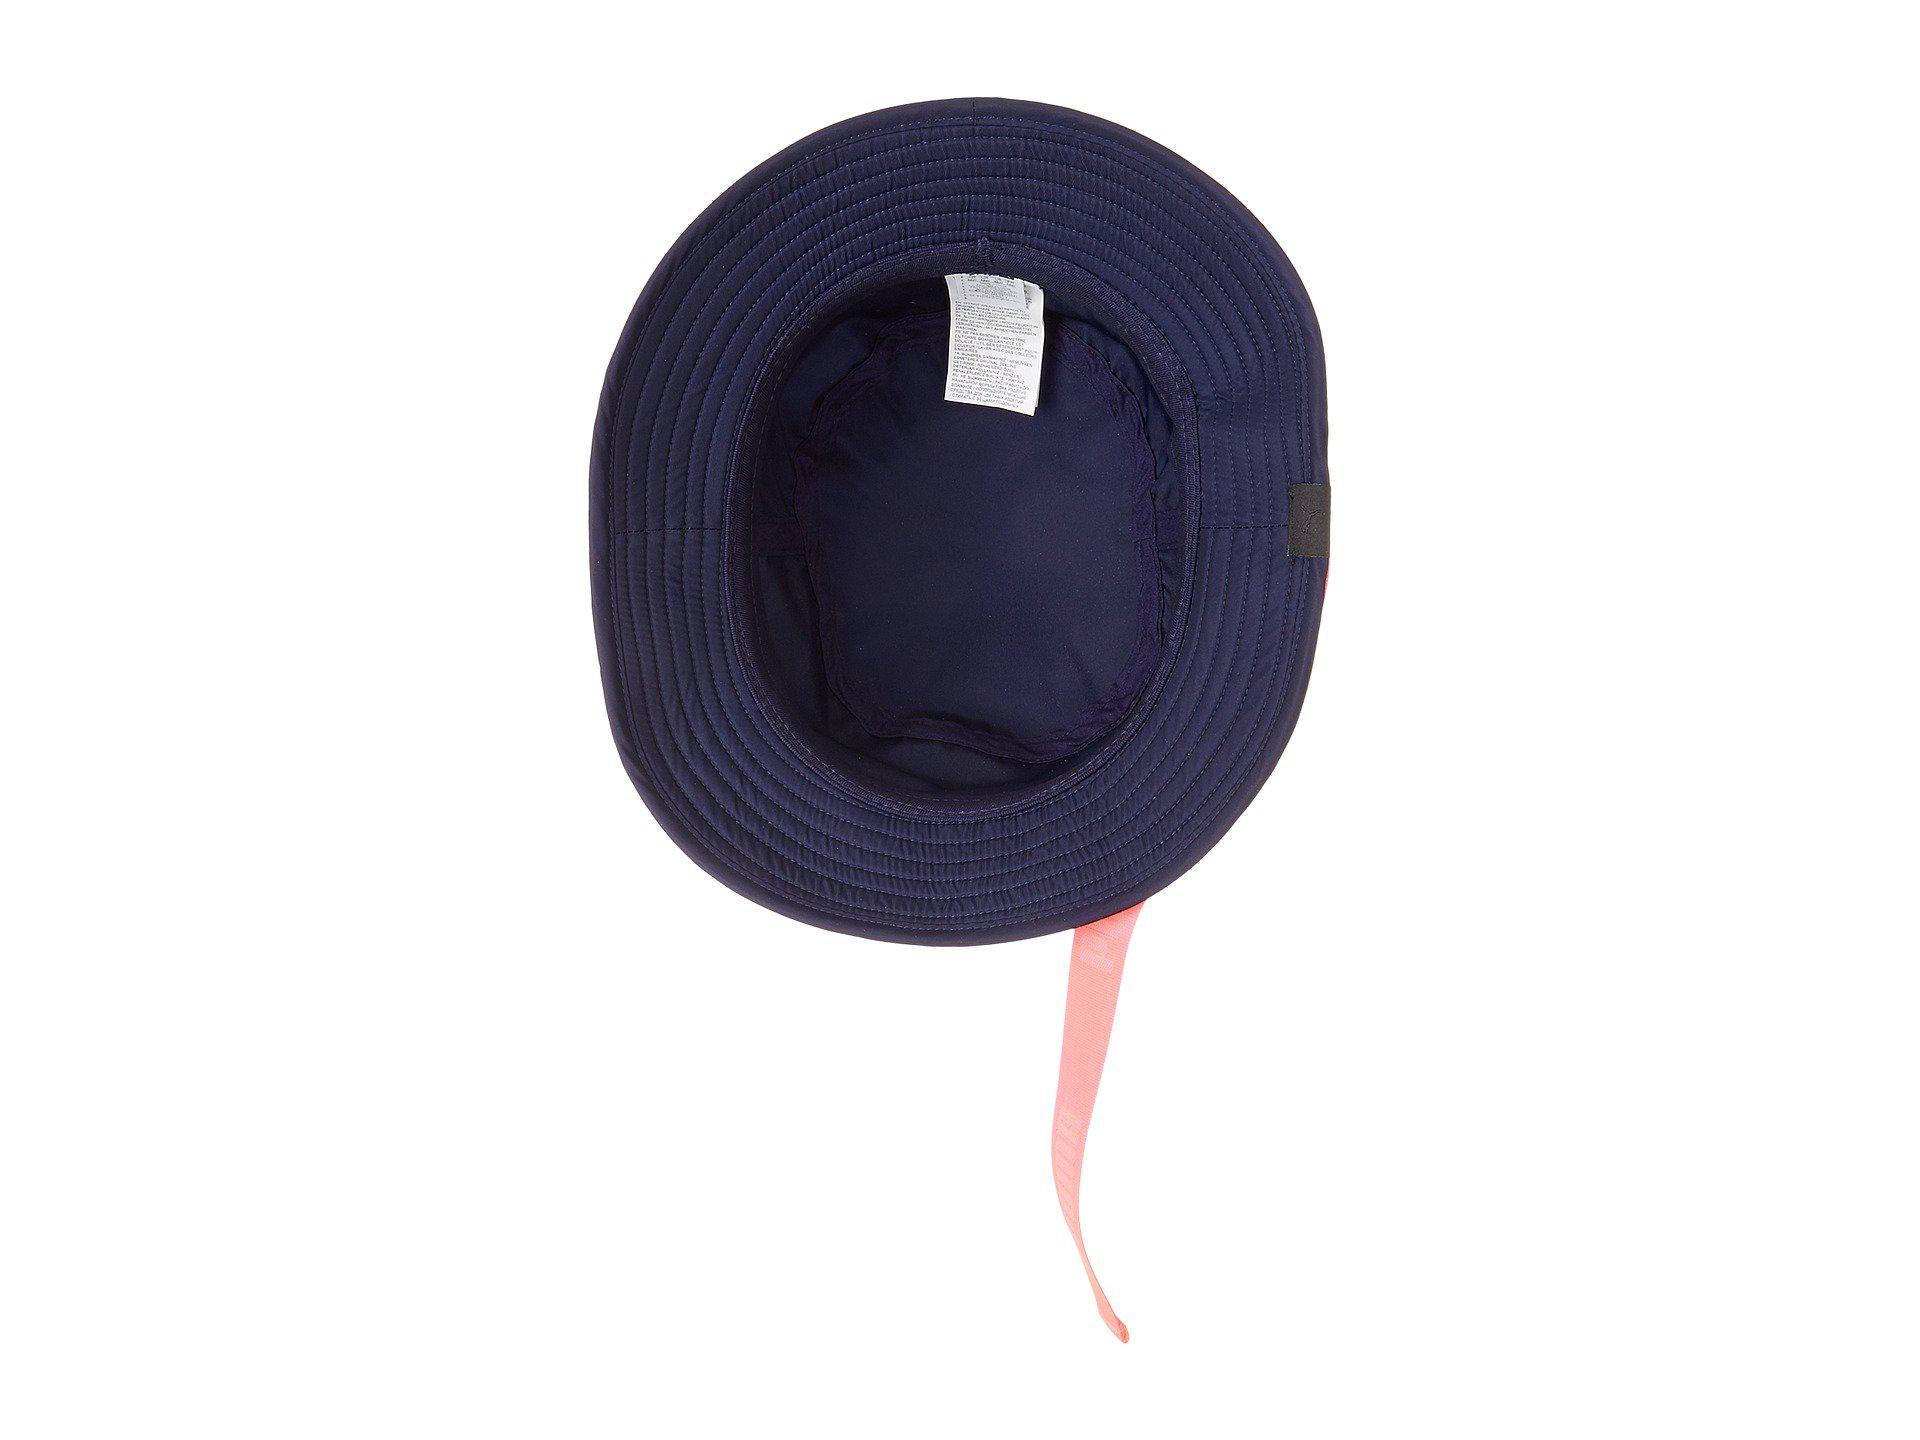 99f88ca847c Lyst - PUMA X Fenty By Rihanna Strapped Bucket (evening Blue ...